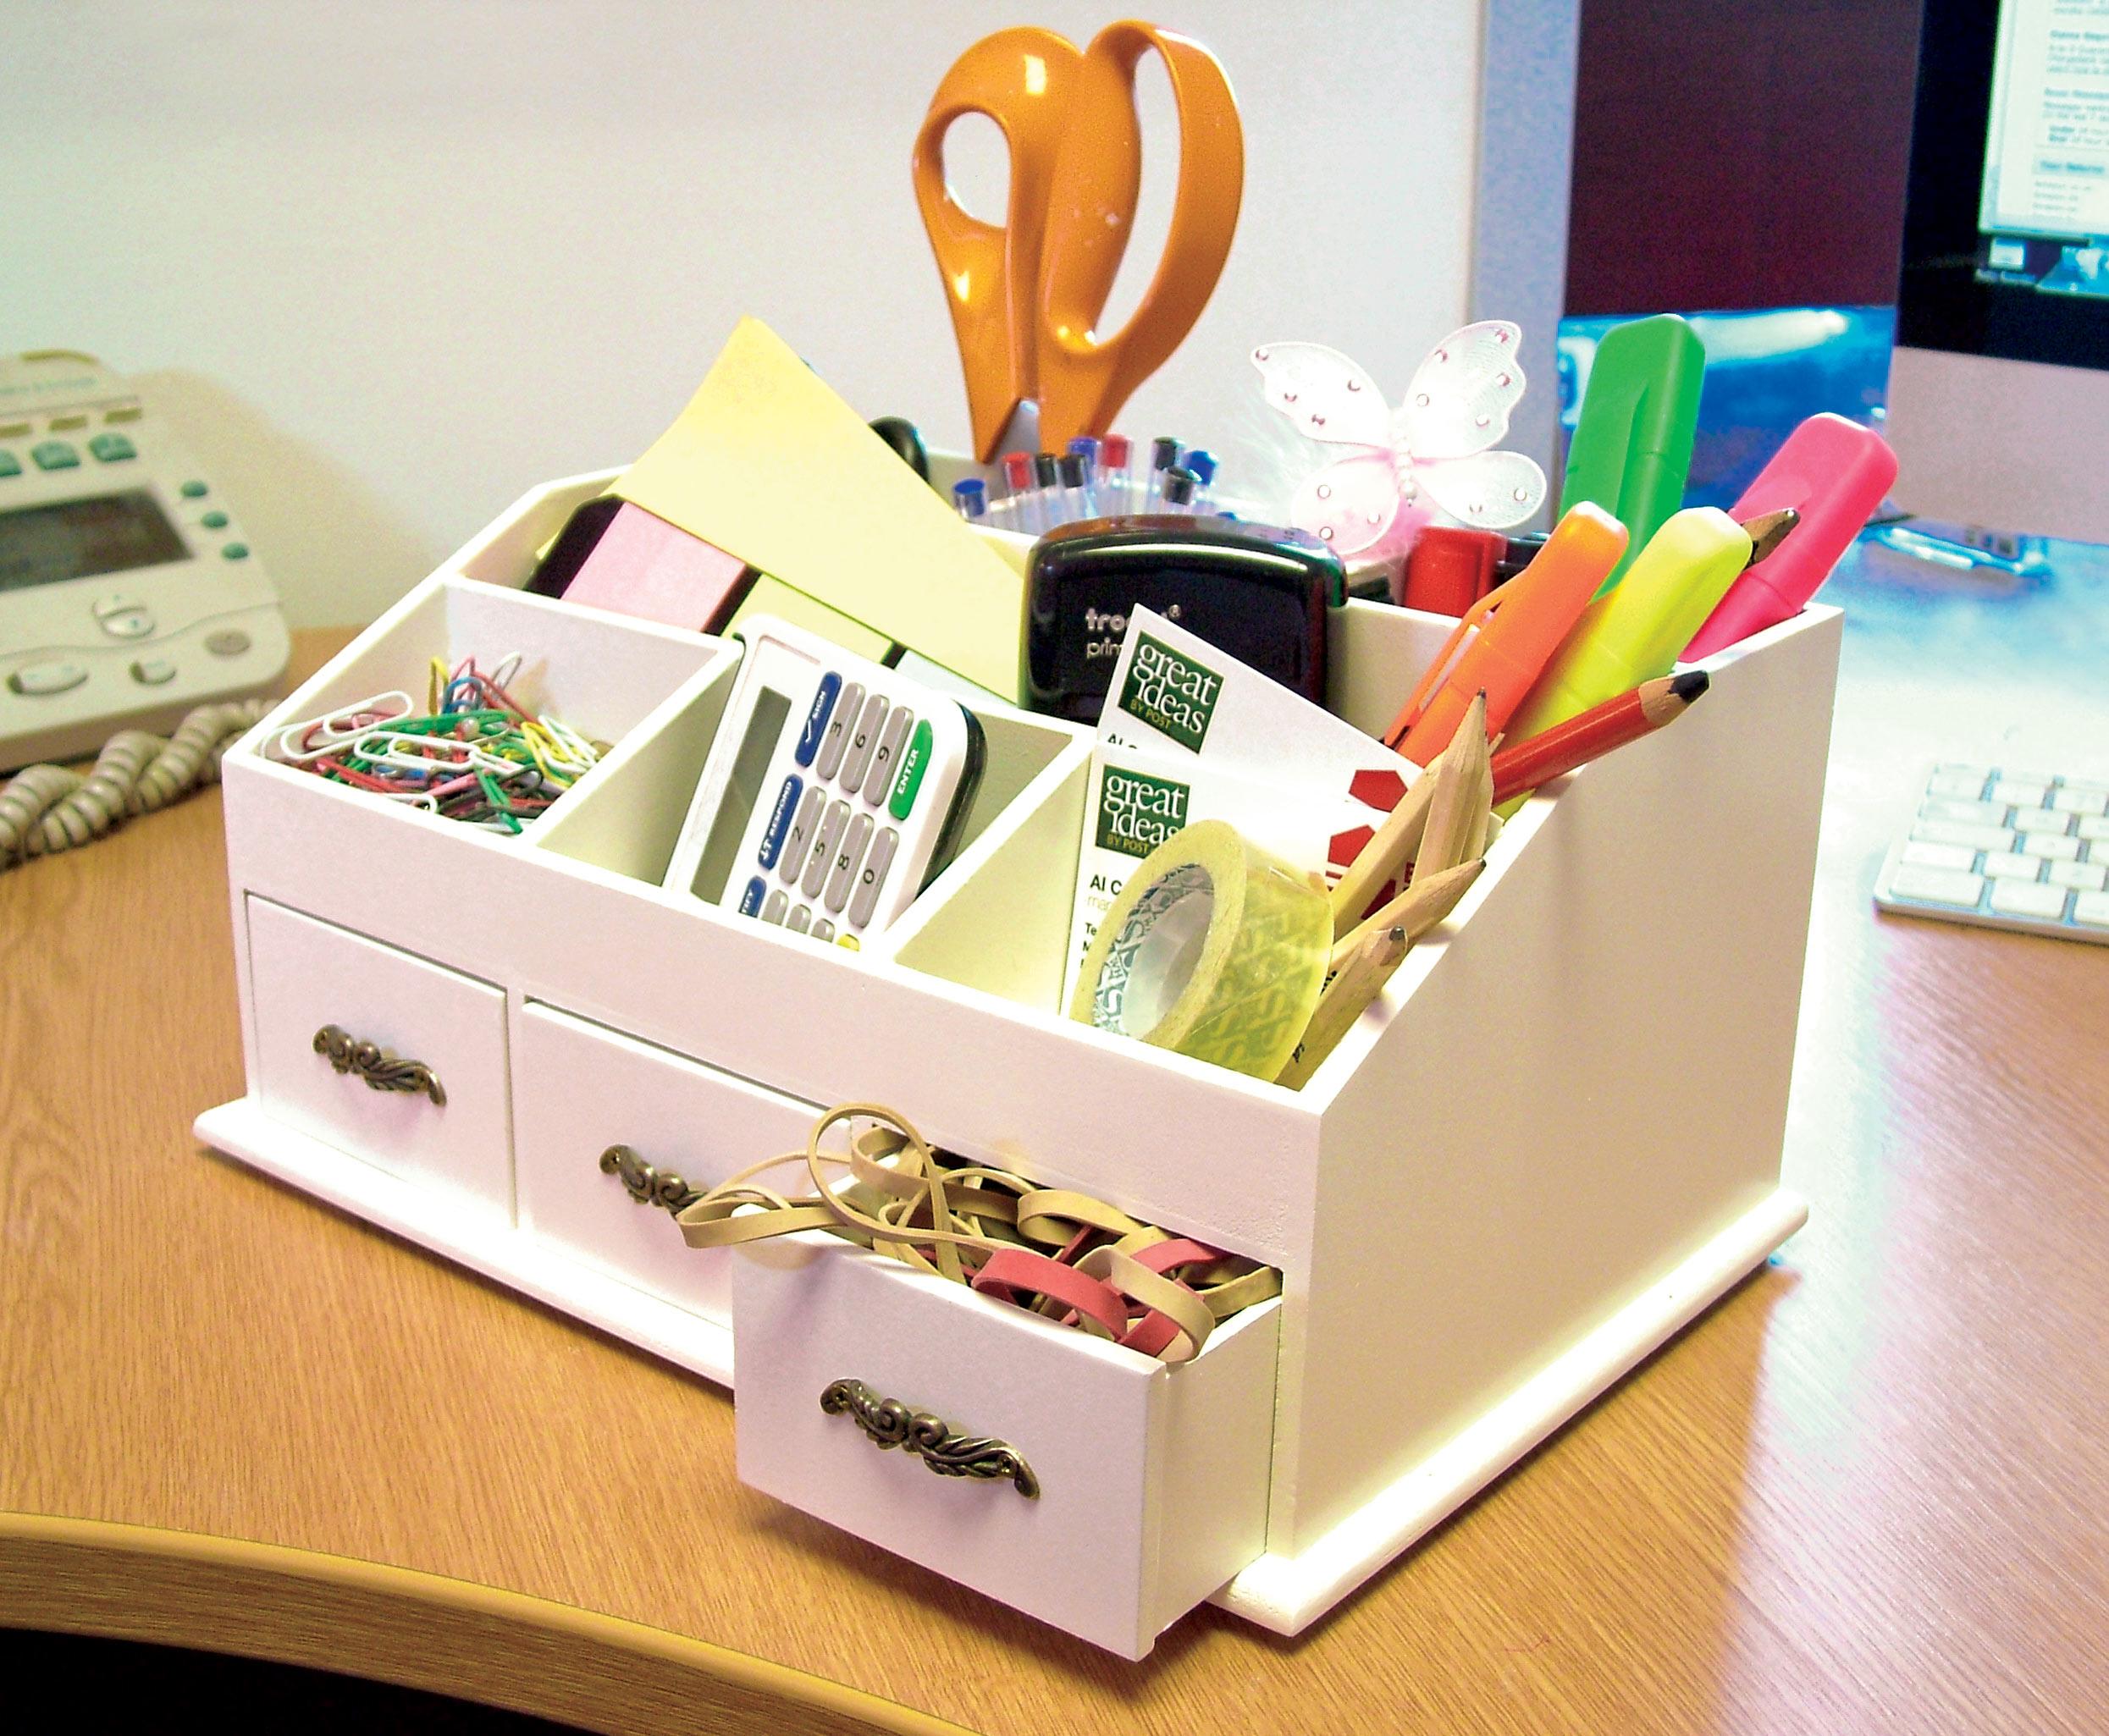 WOODEN DESK TIDY Cosmetics Organiser Caddy Pen Holder Tidy  : ar1041212 from www.ebay.co.uk size 2491 x 2051 jpeg 731kB